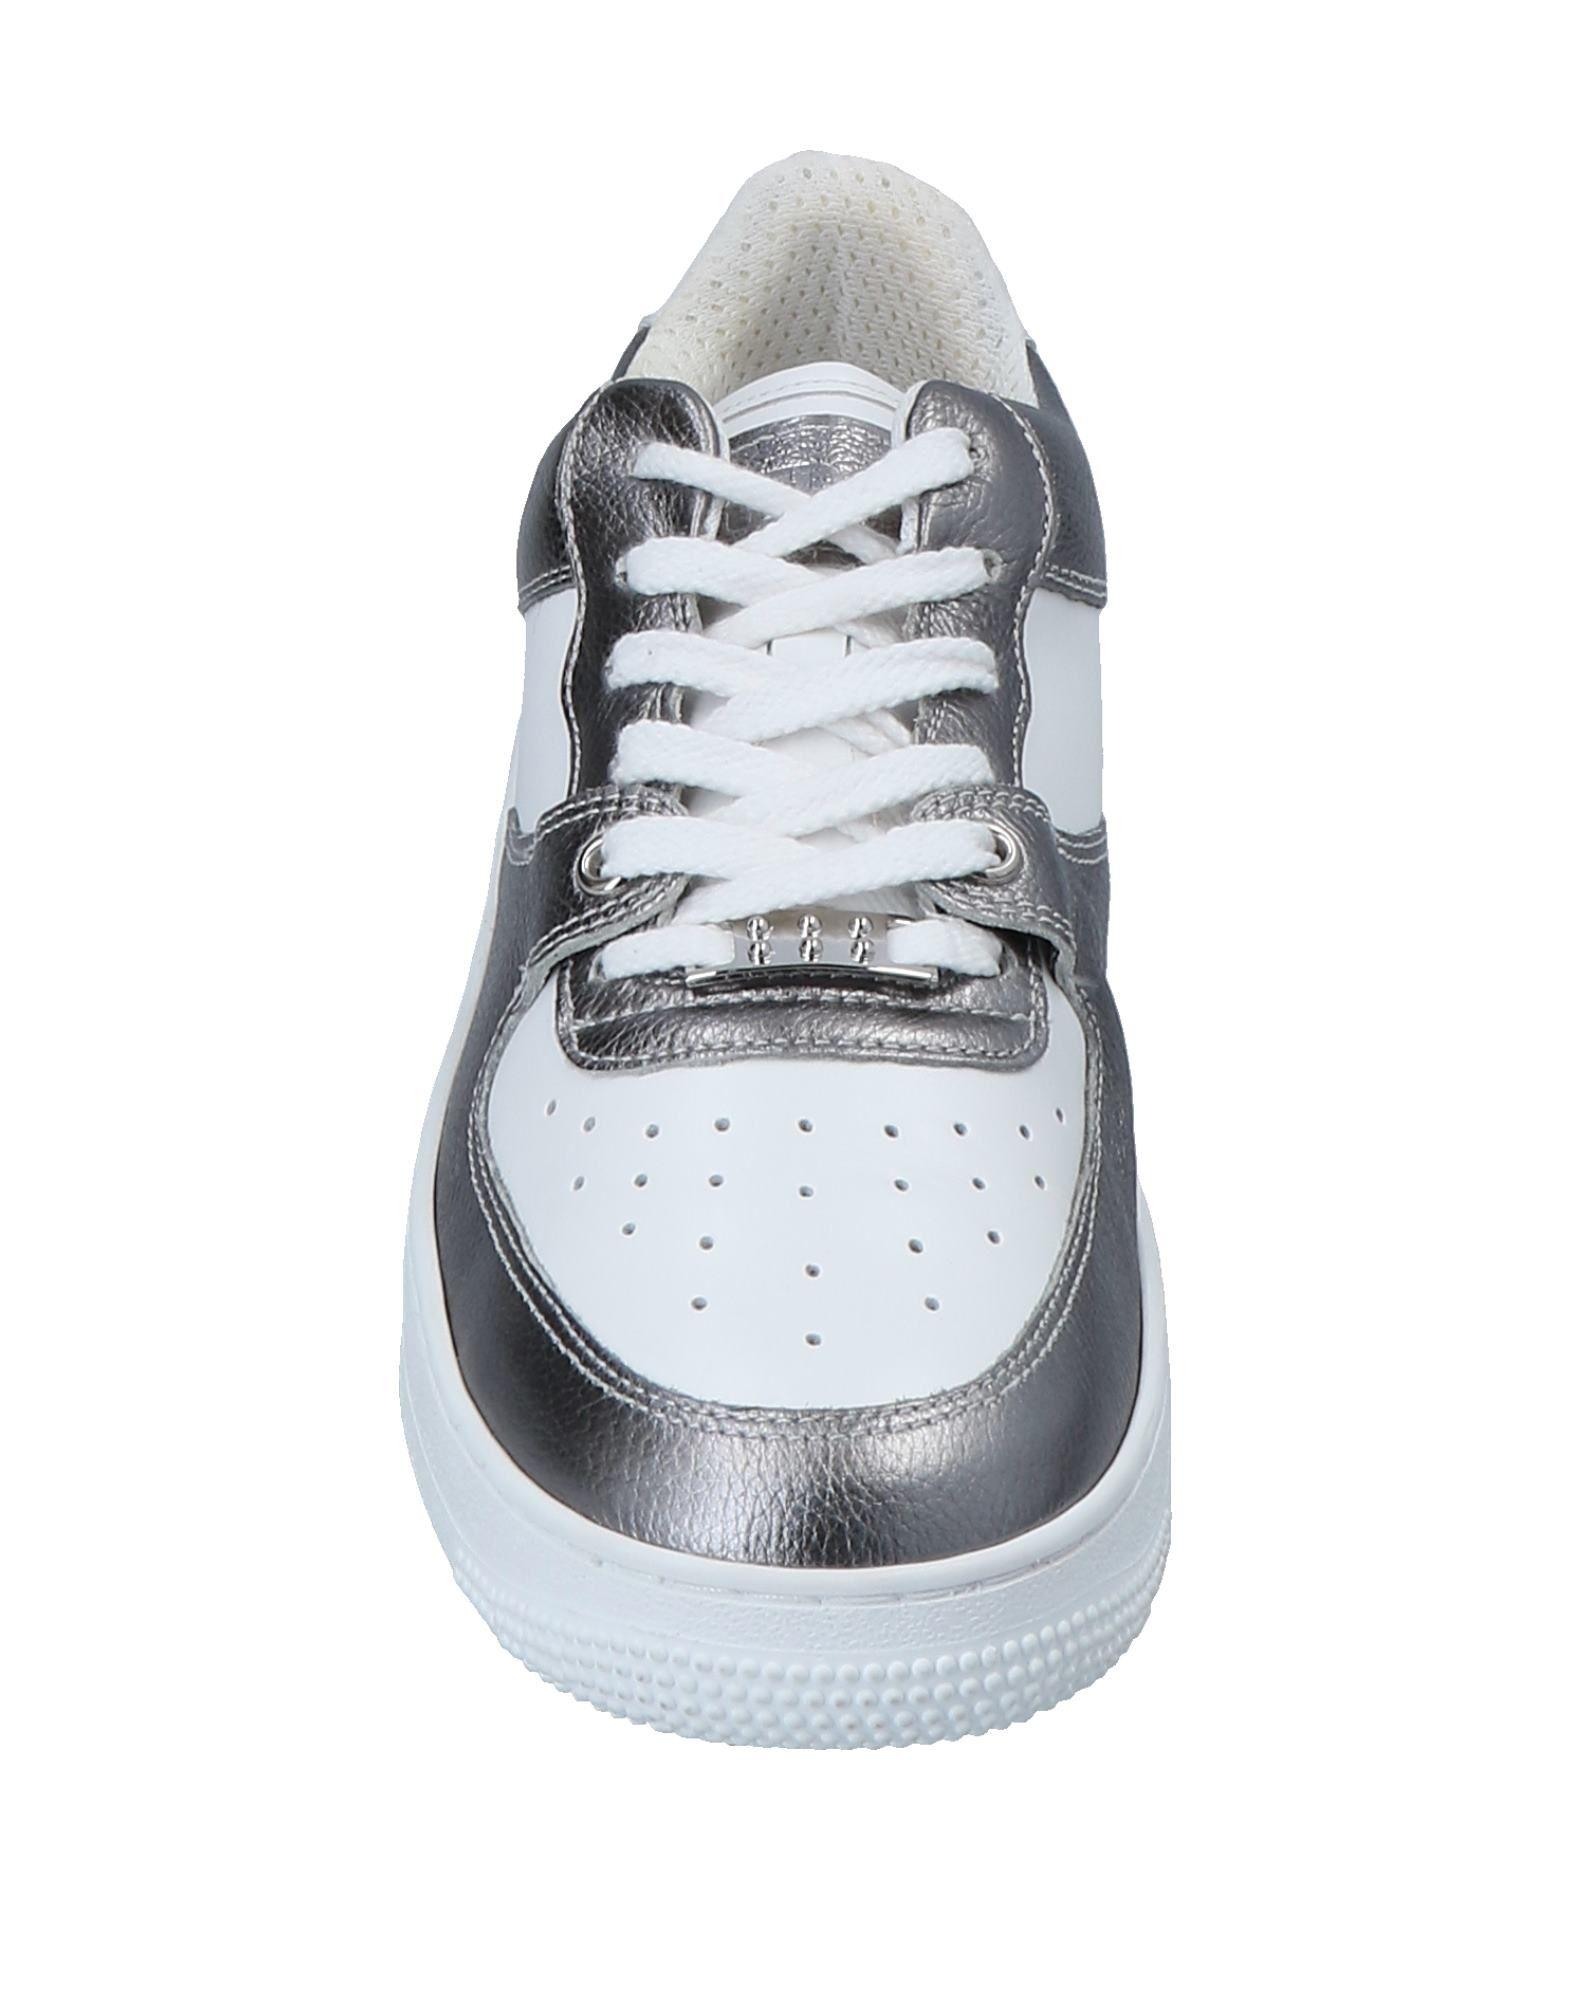 Stilvolle Damen billige Schuhe Red(V) Sneakers Damen Stilvolle  11546330UV dac673